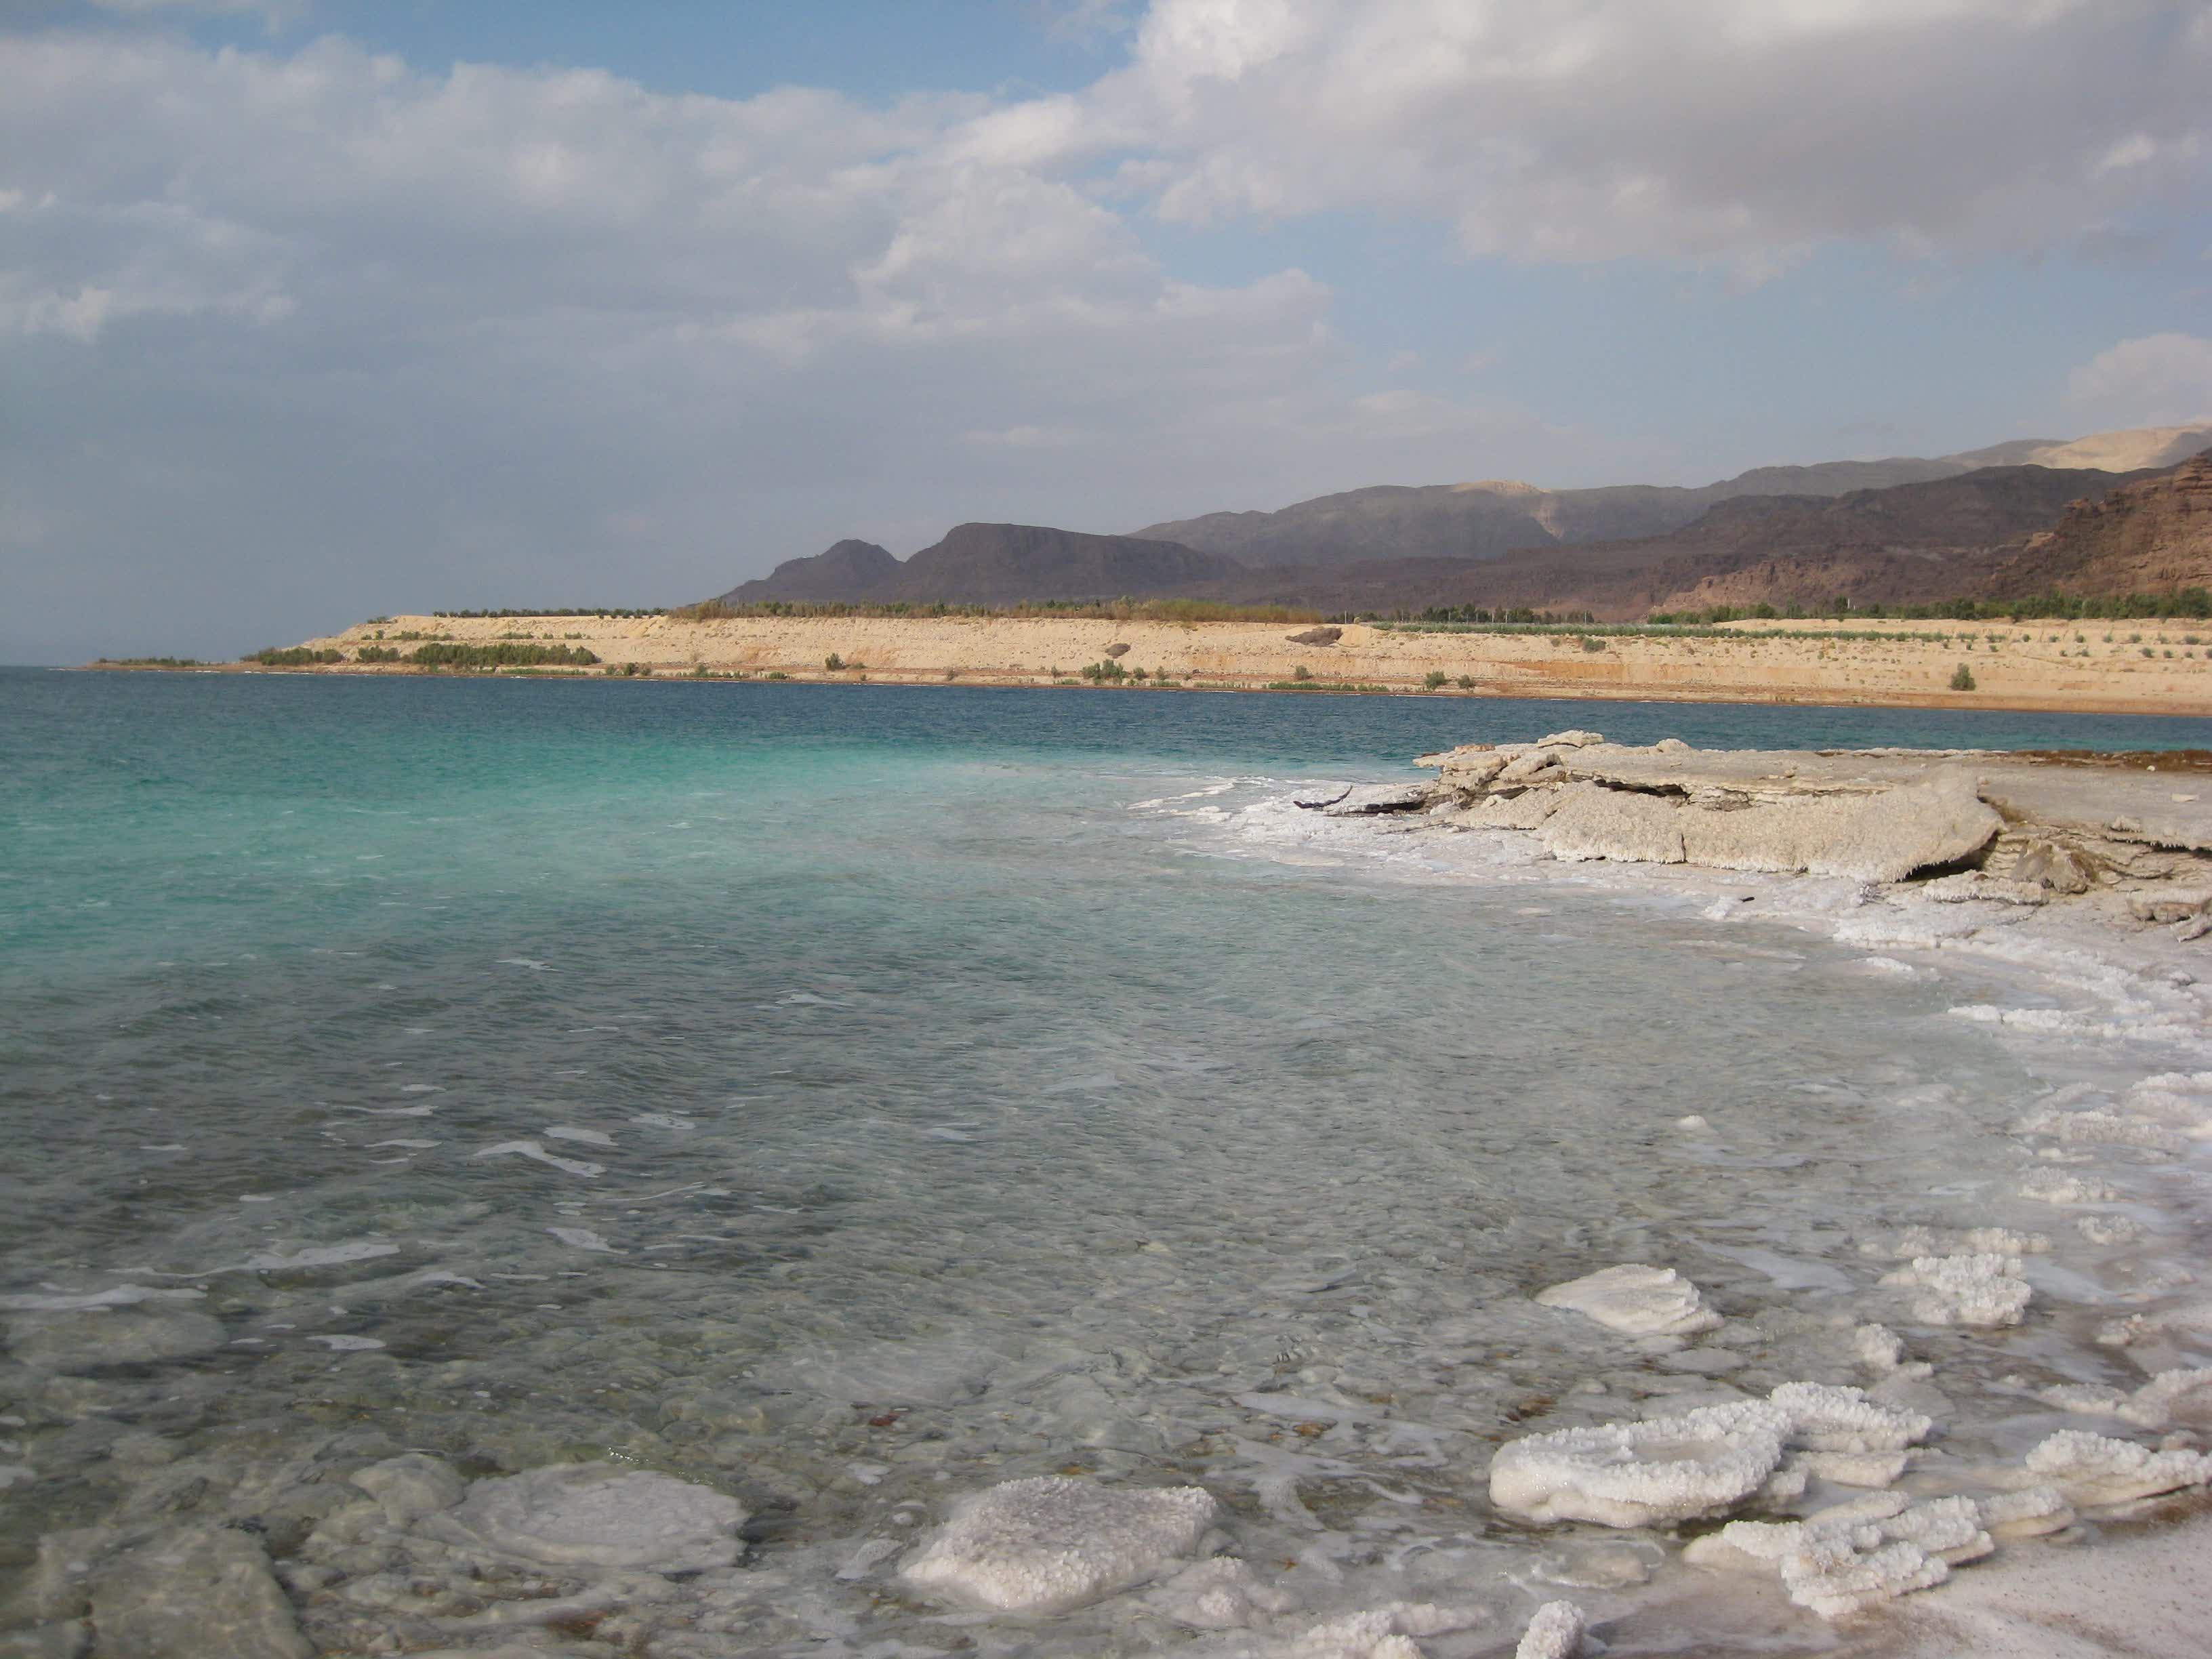 بالصور صور البحر الميت , احلى صور للبحر الميت 1796 8